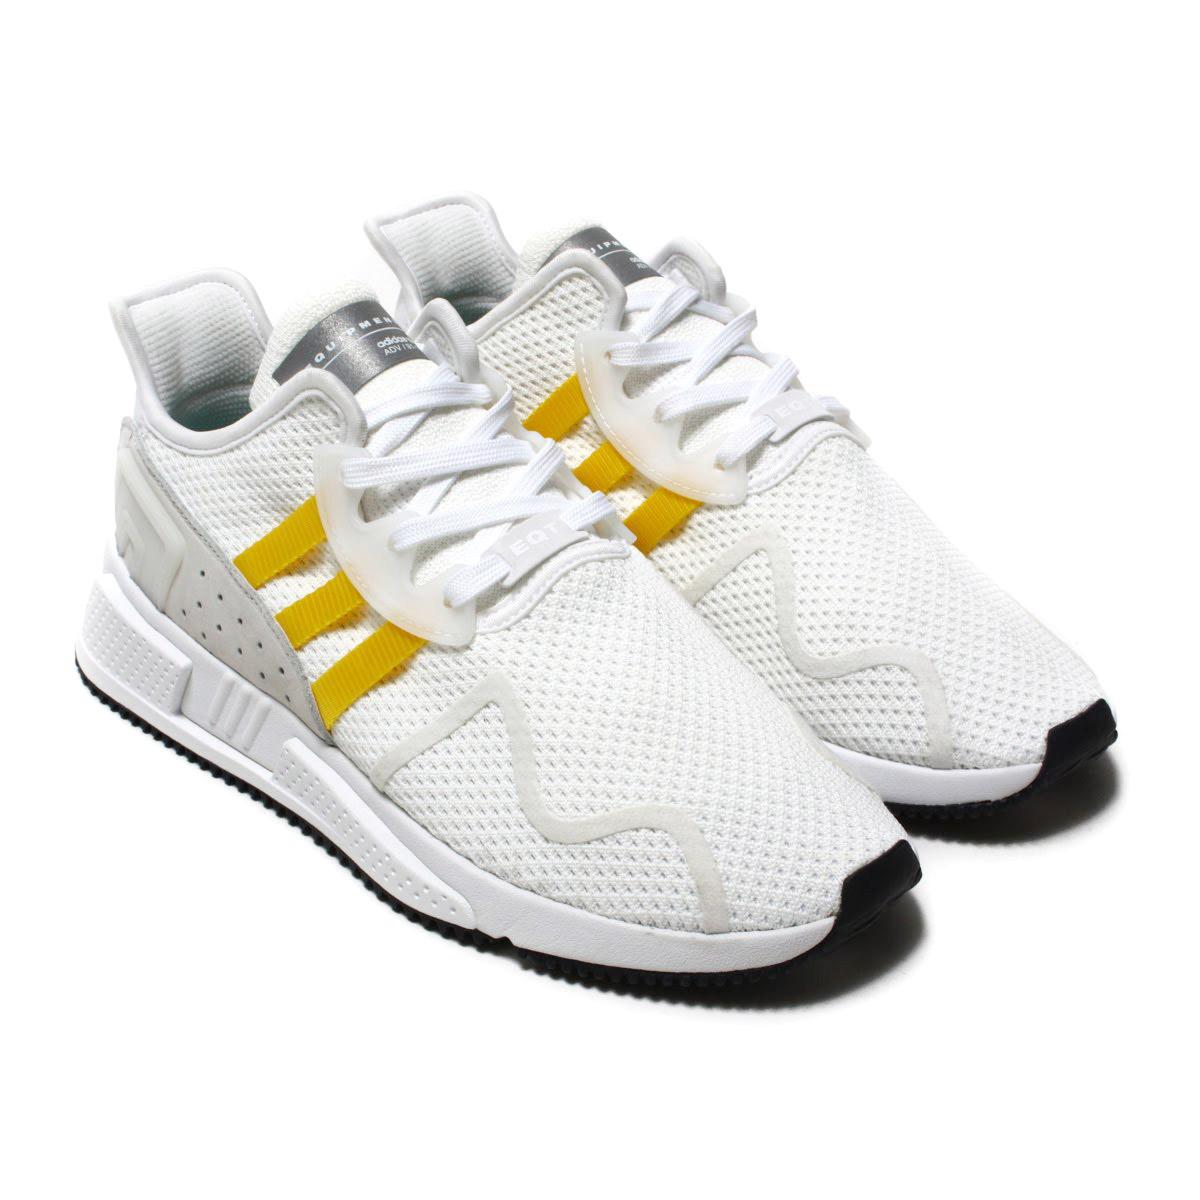 b9a8e1b24b3d6 adidas Originals EQT CUSHION ADV (Adidas originals E cue tea cushion ADV)  Running White/Eqt Yellow/Silver Met 18SS-I